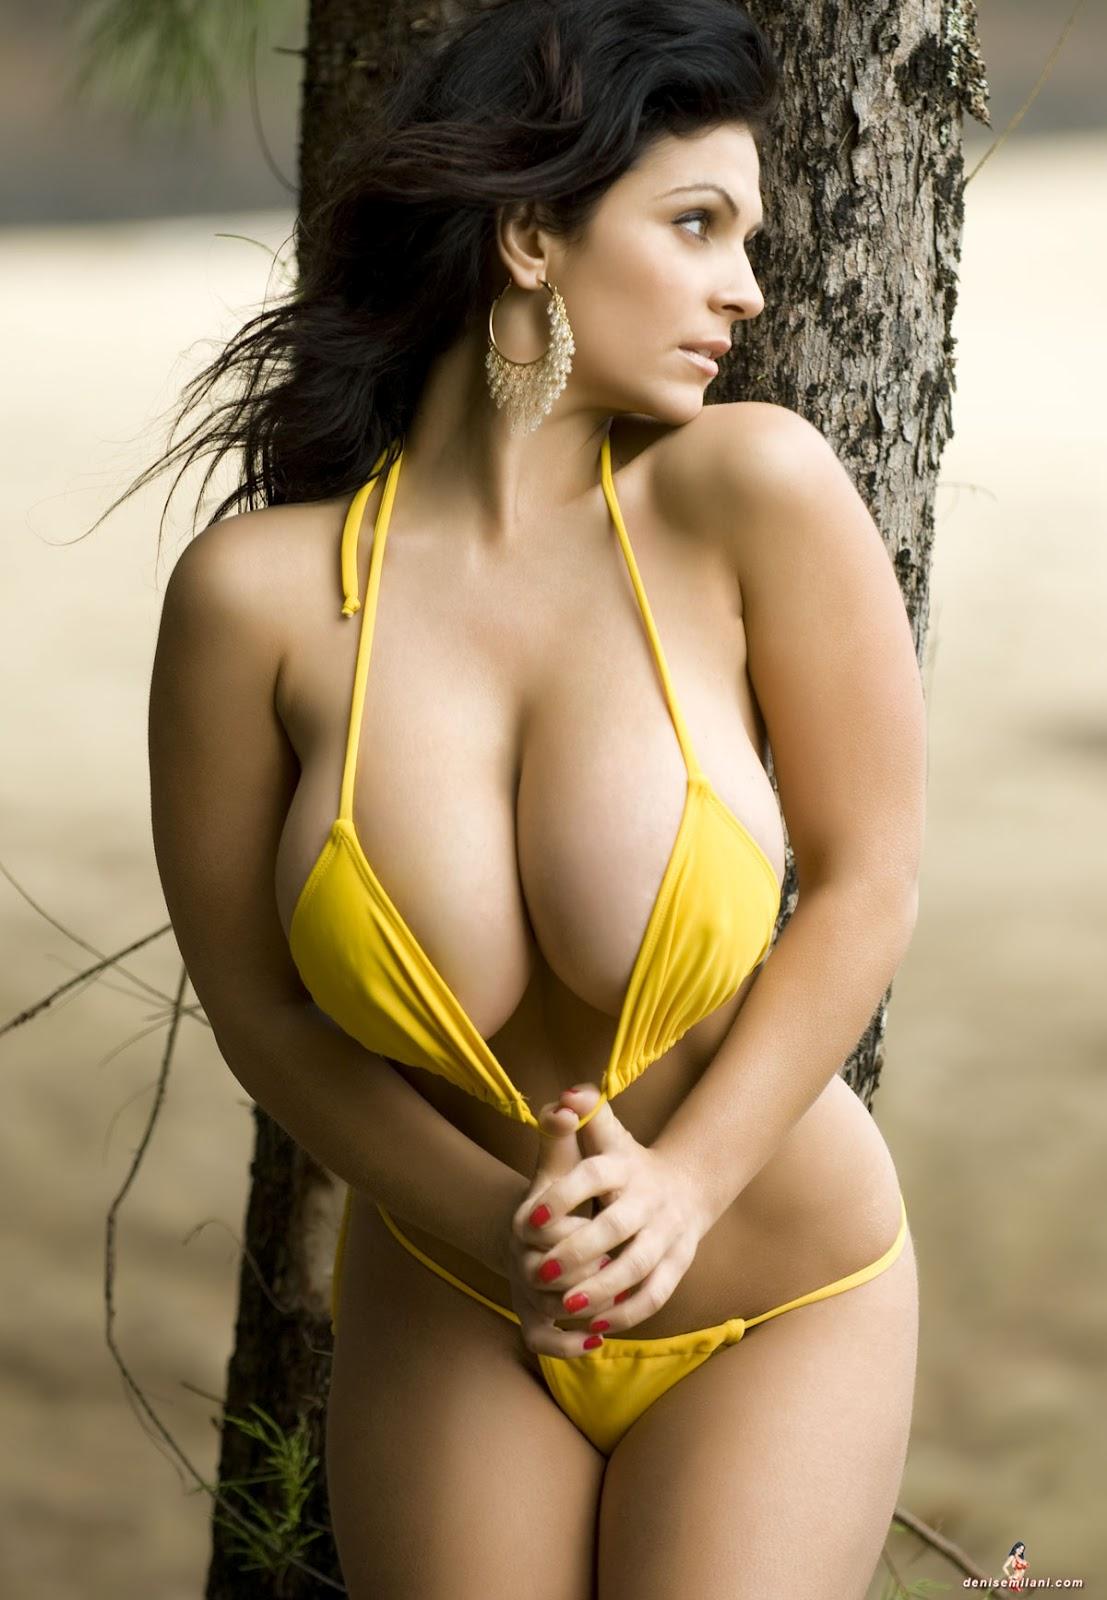 Denise Milani and Jordan Carver hot pics!!: Denise Milani ...